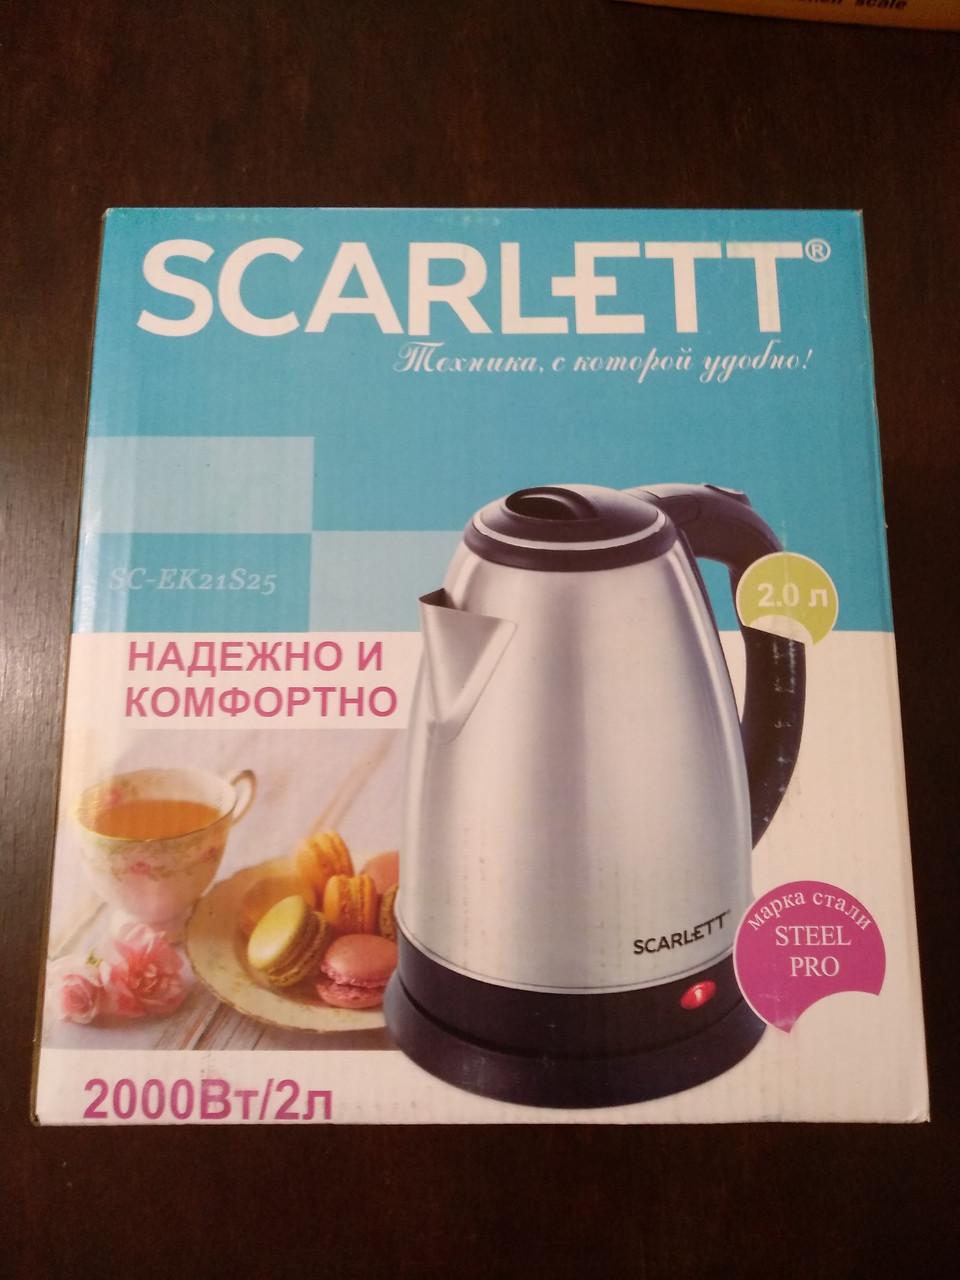 Чайник №SC-EK21S25 SCARLETT электро чайник 2 литра 2000w